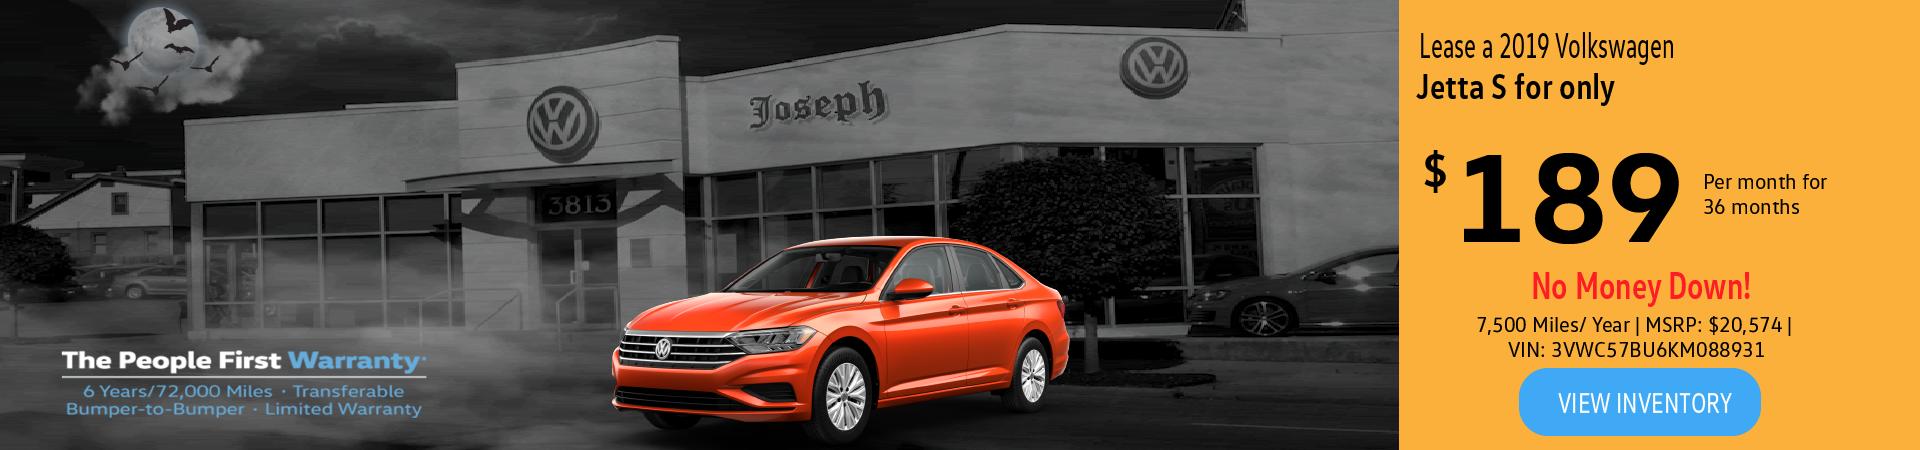 Joseph Volkswagen Of Cincinnati Vw Dealer Serving